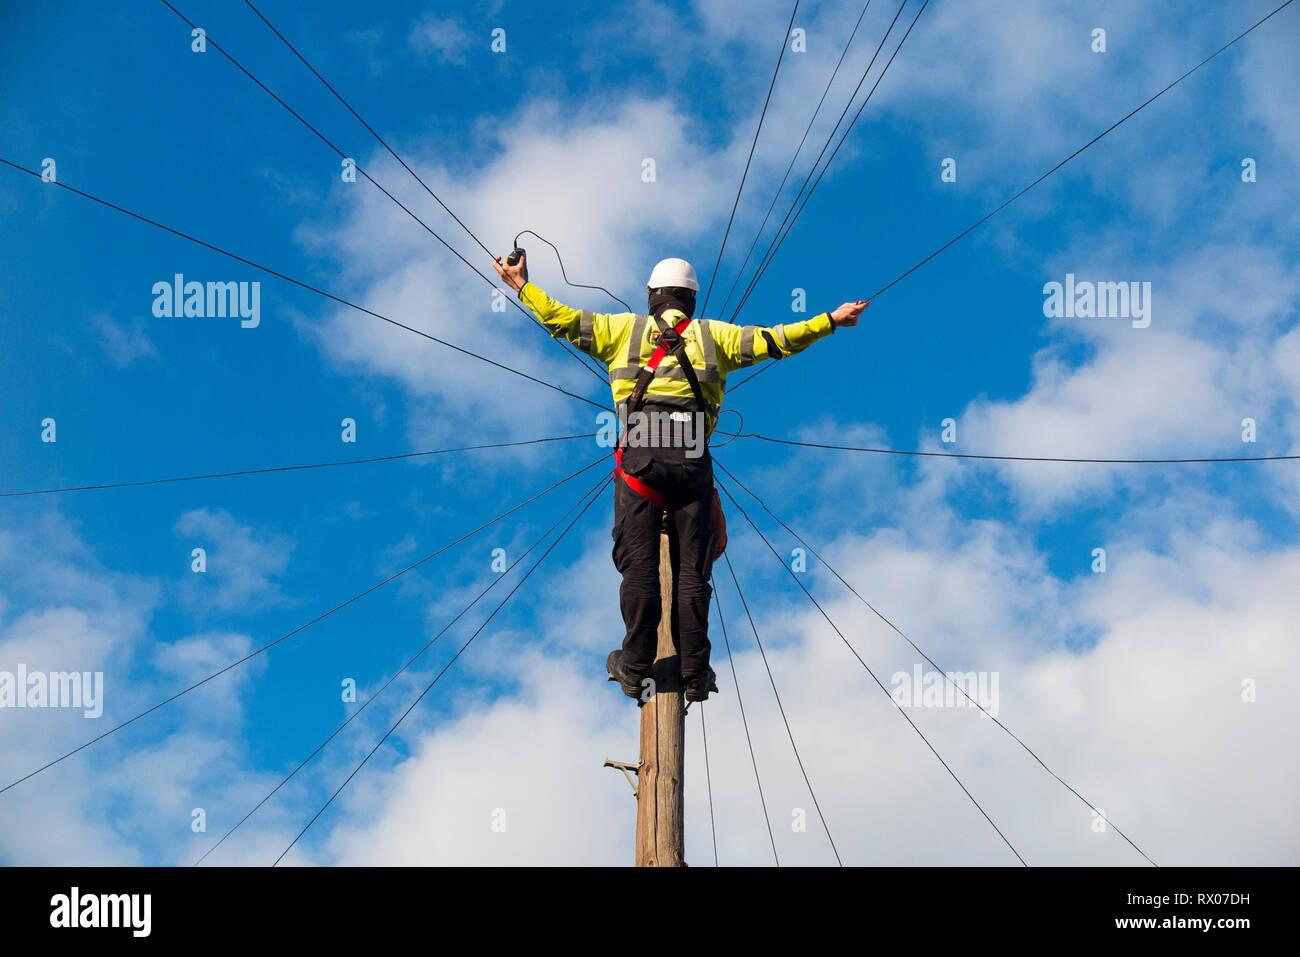 Ingeniero de Telecomunicaciones trabajan en línea telefónica doméstica / internet de banda ancha por cable de cobre un teléfono / poste de telégrafo en una calle de Londres / Road, y cielo azul Imagen De Stock